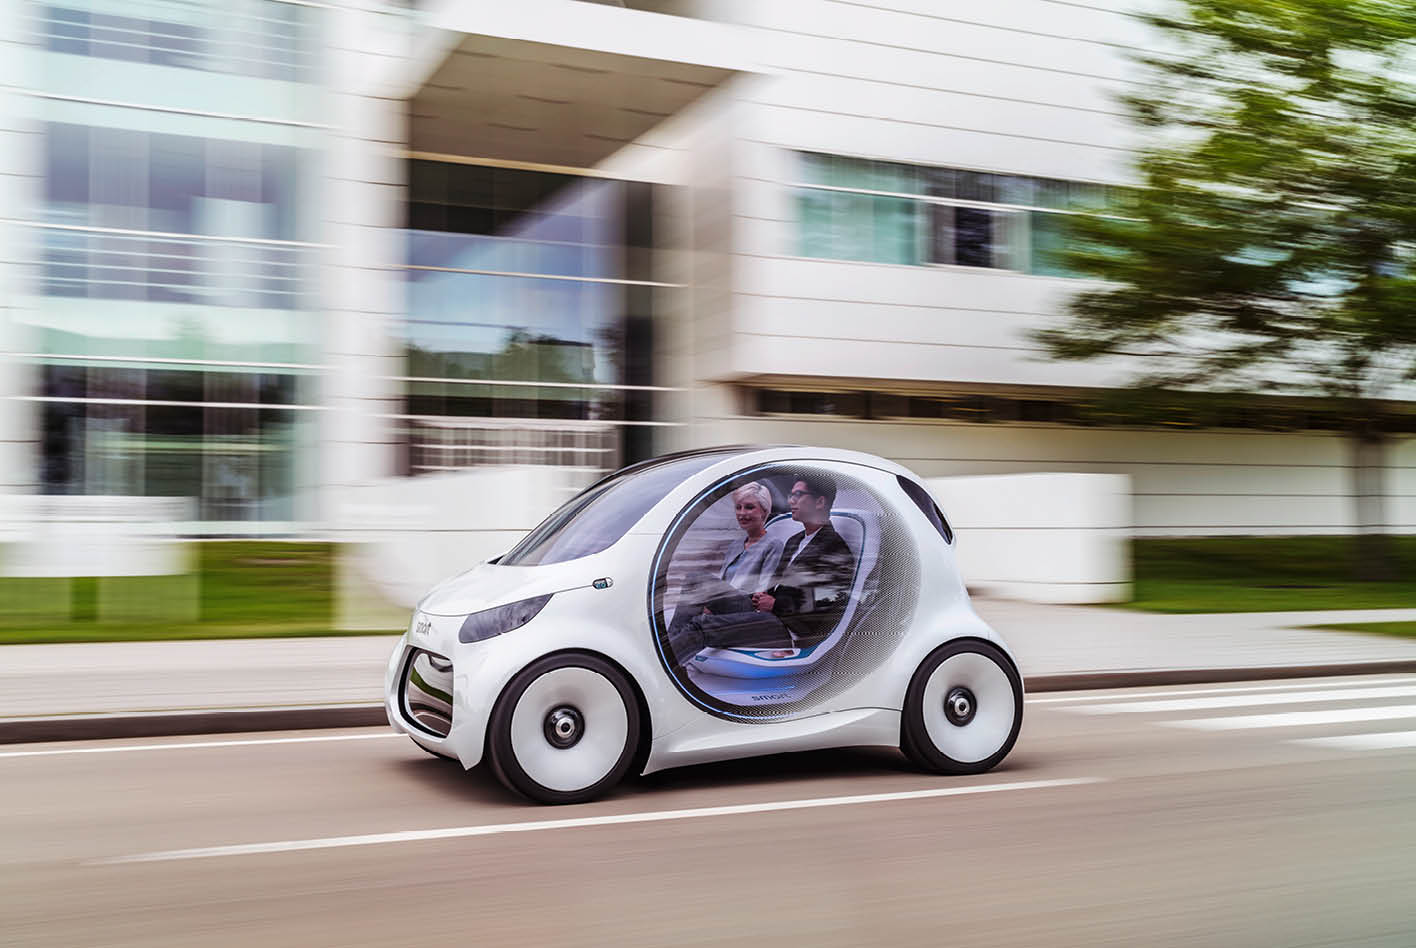 Die Hersteller – hier Smart – präsentieren ihre Konzeptfahrzeuge immer öfter ohne Lenkrad. Bild: Daimler